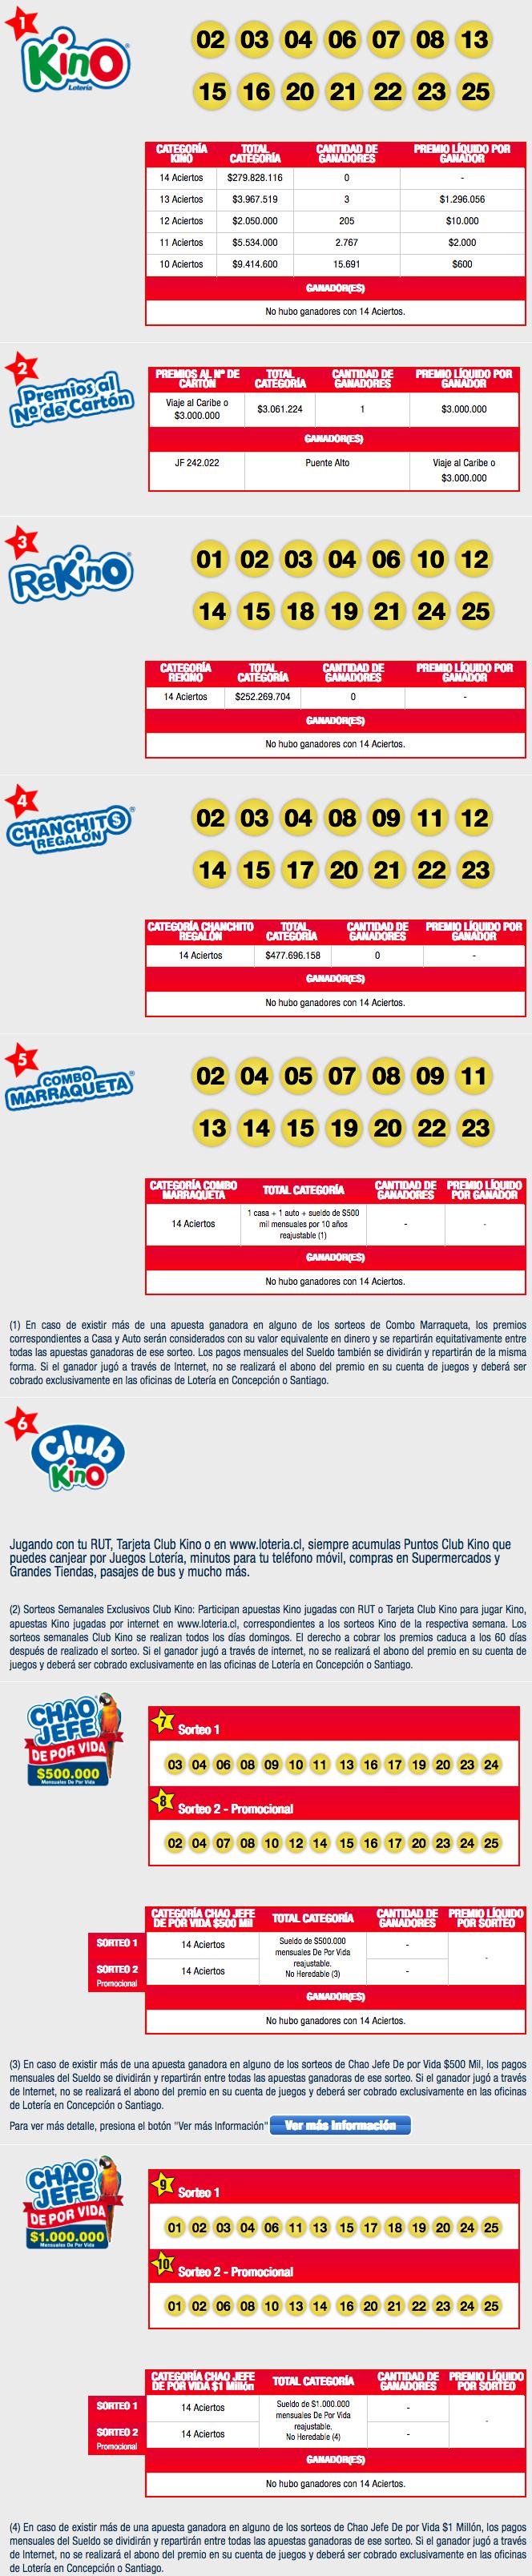 Resultados Kino Chile 2108 - Números del Kino 2108